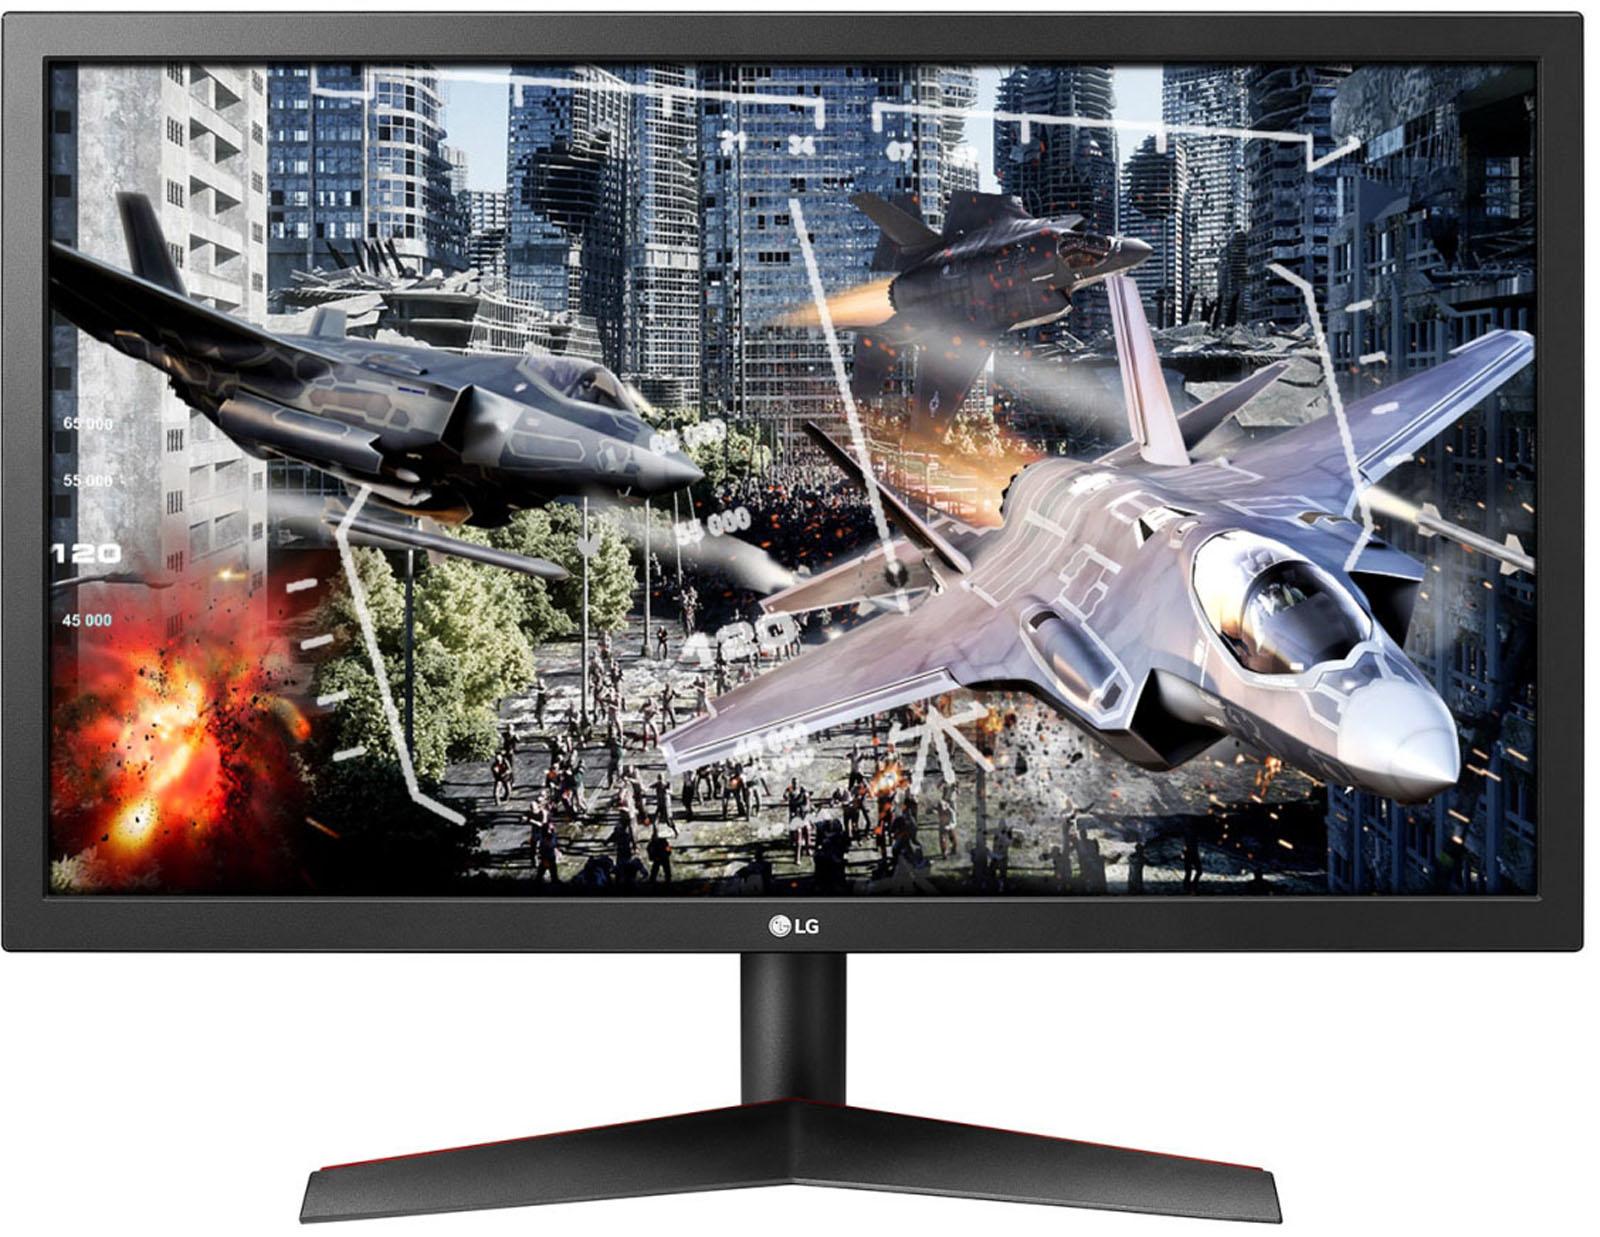 LG monitor UltraGear 24GL600